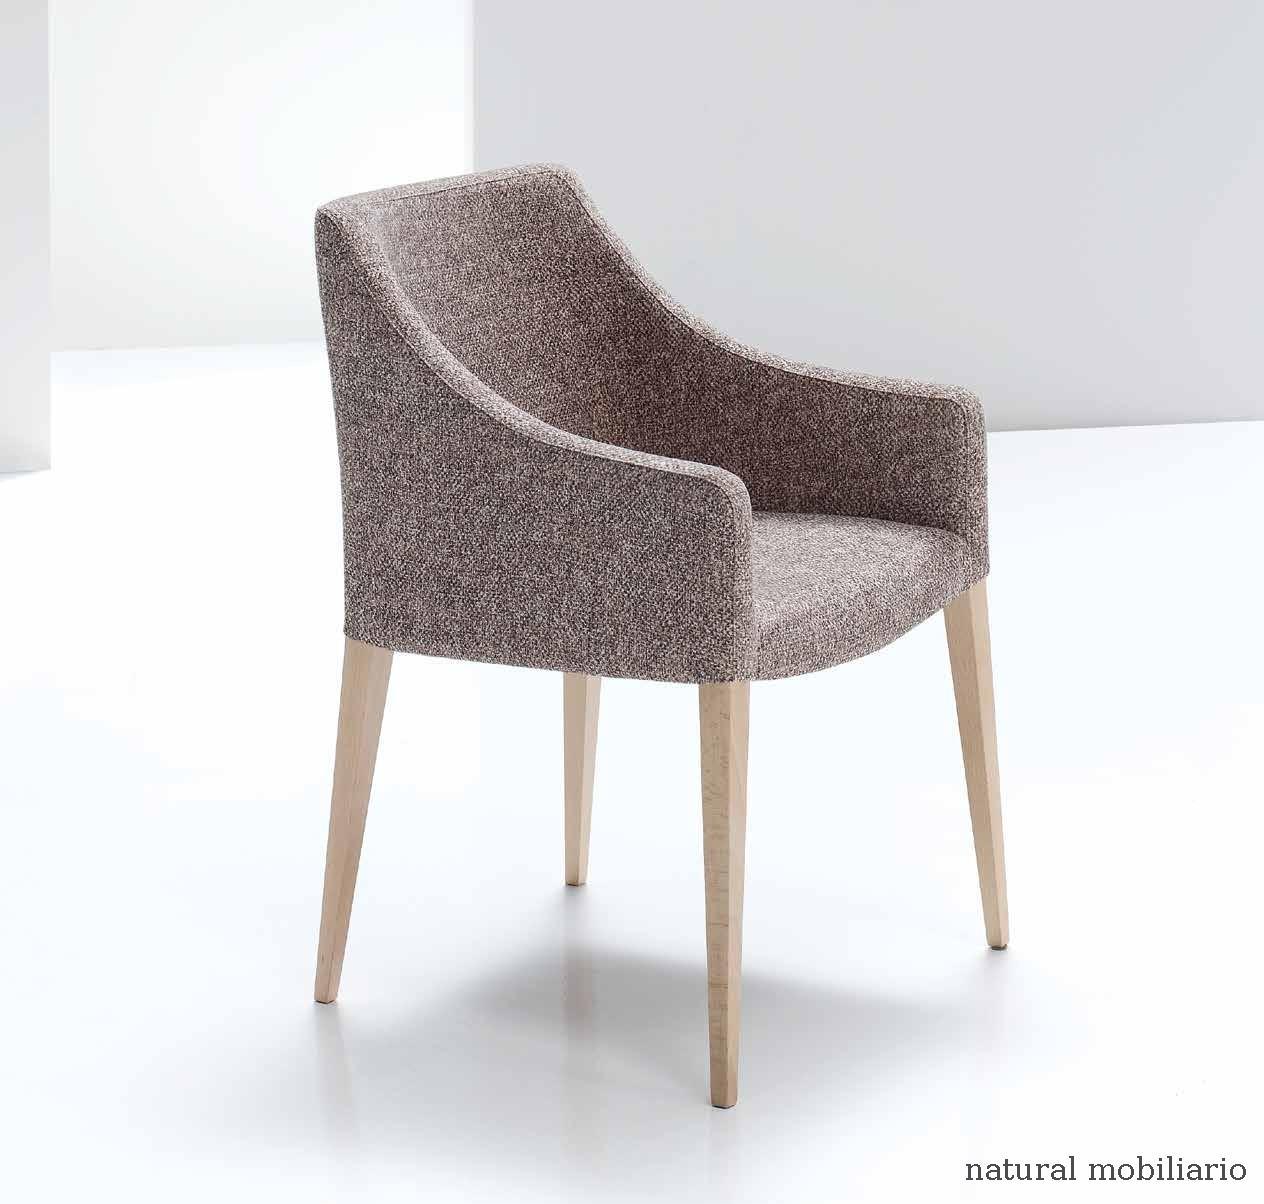 Muebles Sillones Varios modesto y navarro sillon chanel